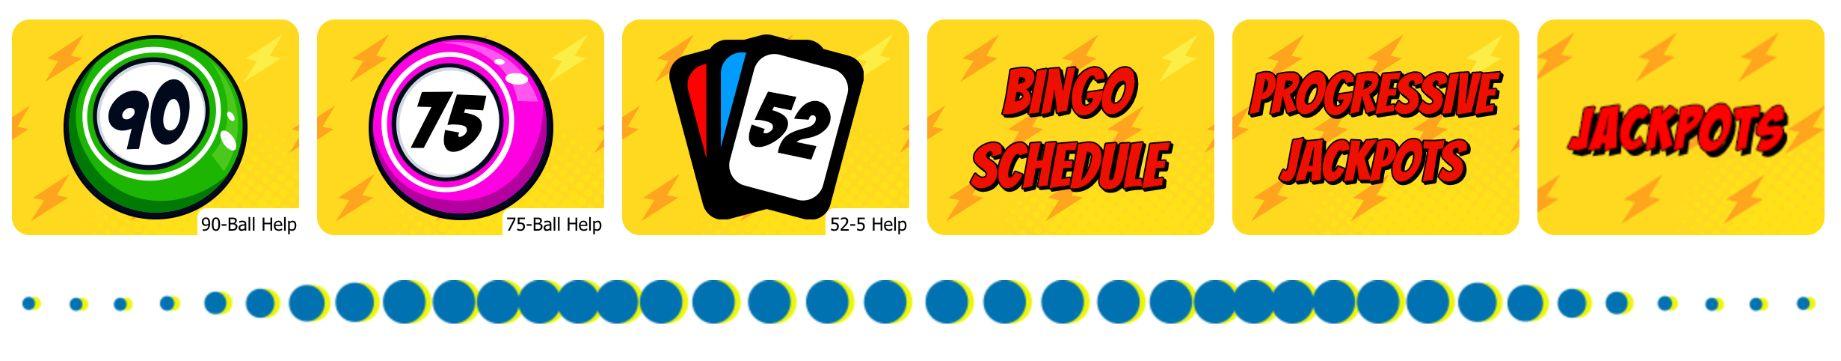 Bingorella Bingo Games